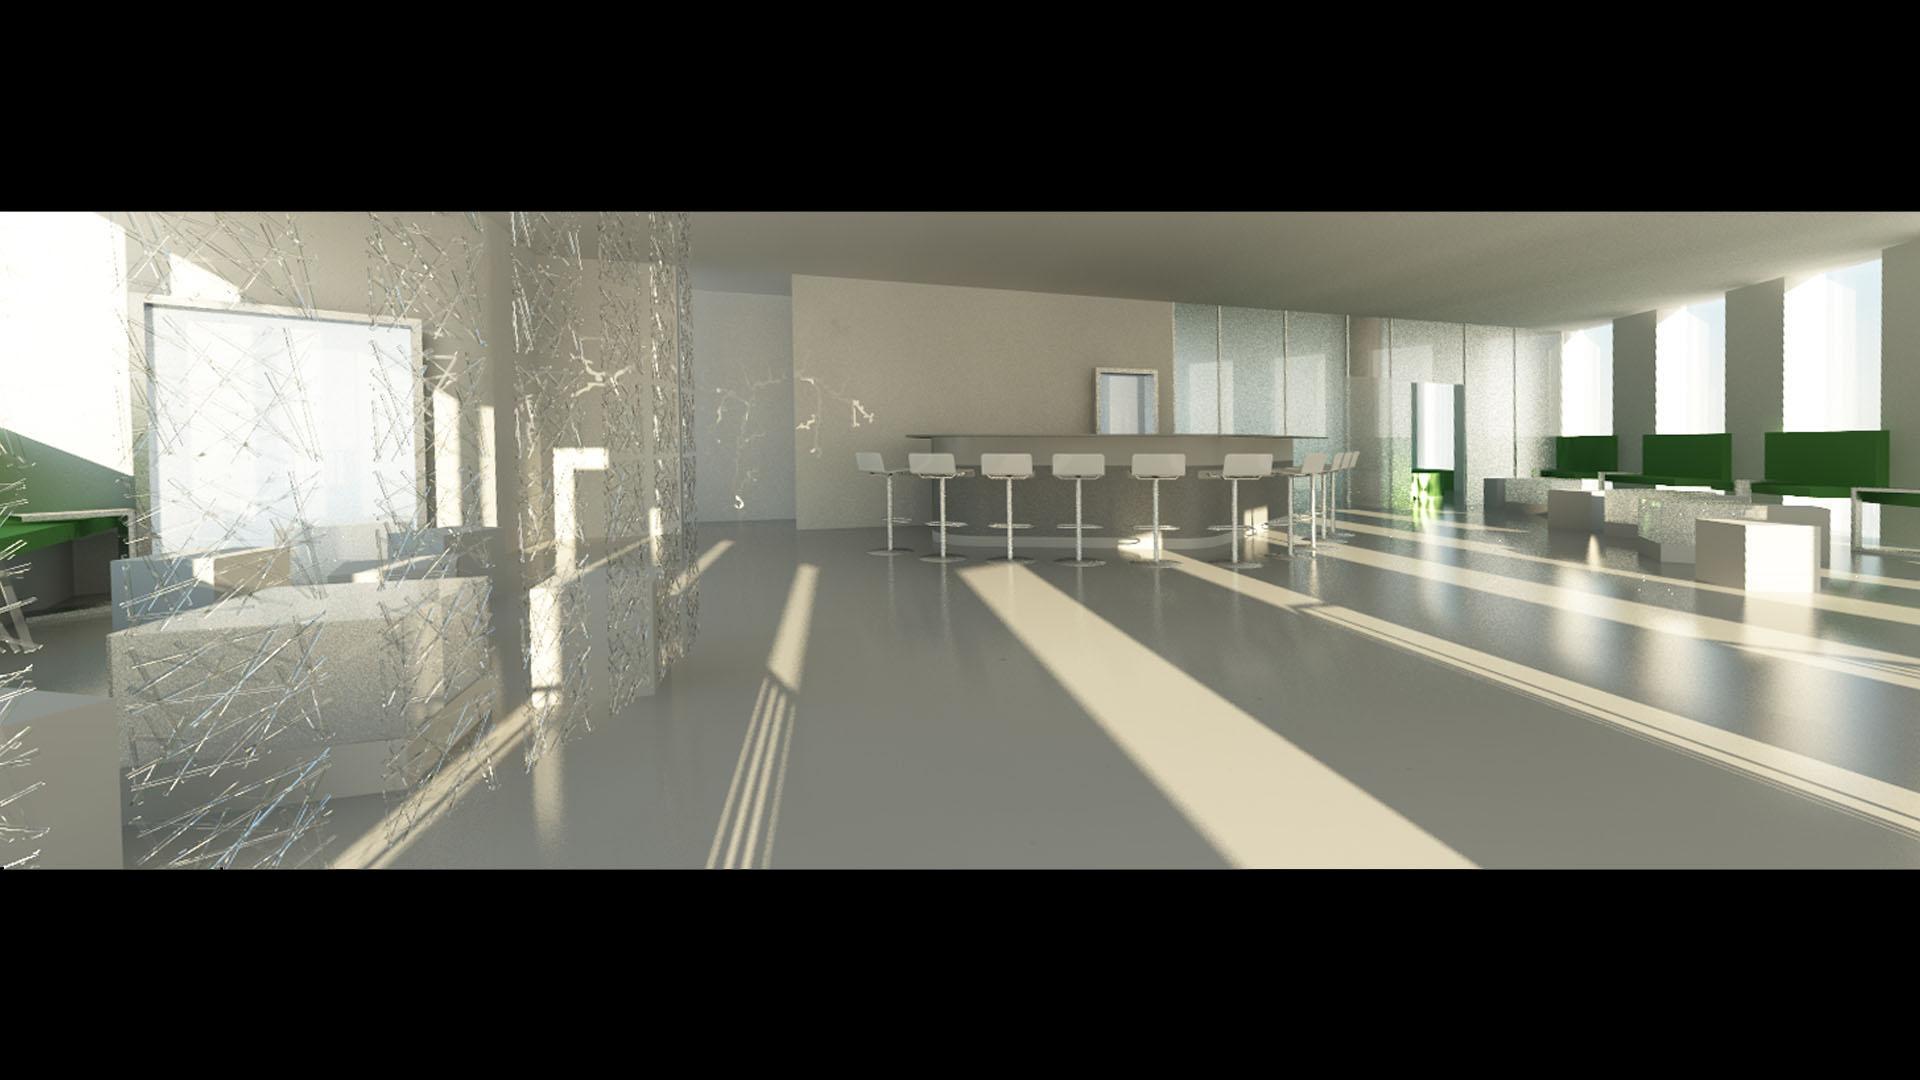 MAASS-Lichtplanung_Gestaltungskonzept Bar__MAASS-Poseidon-Bar-006